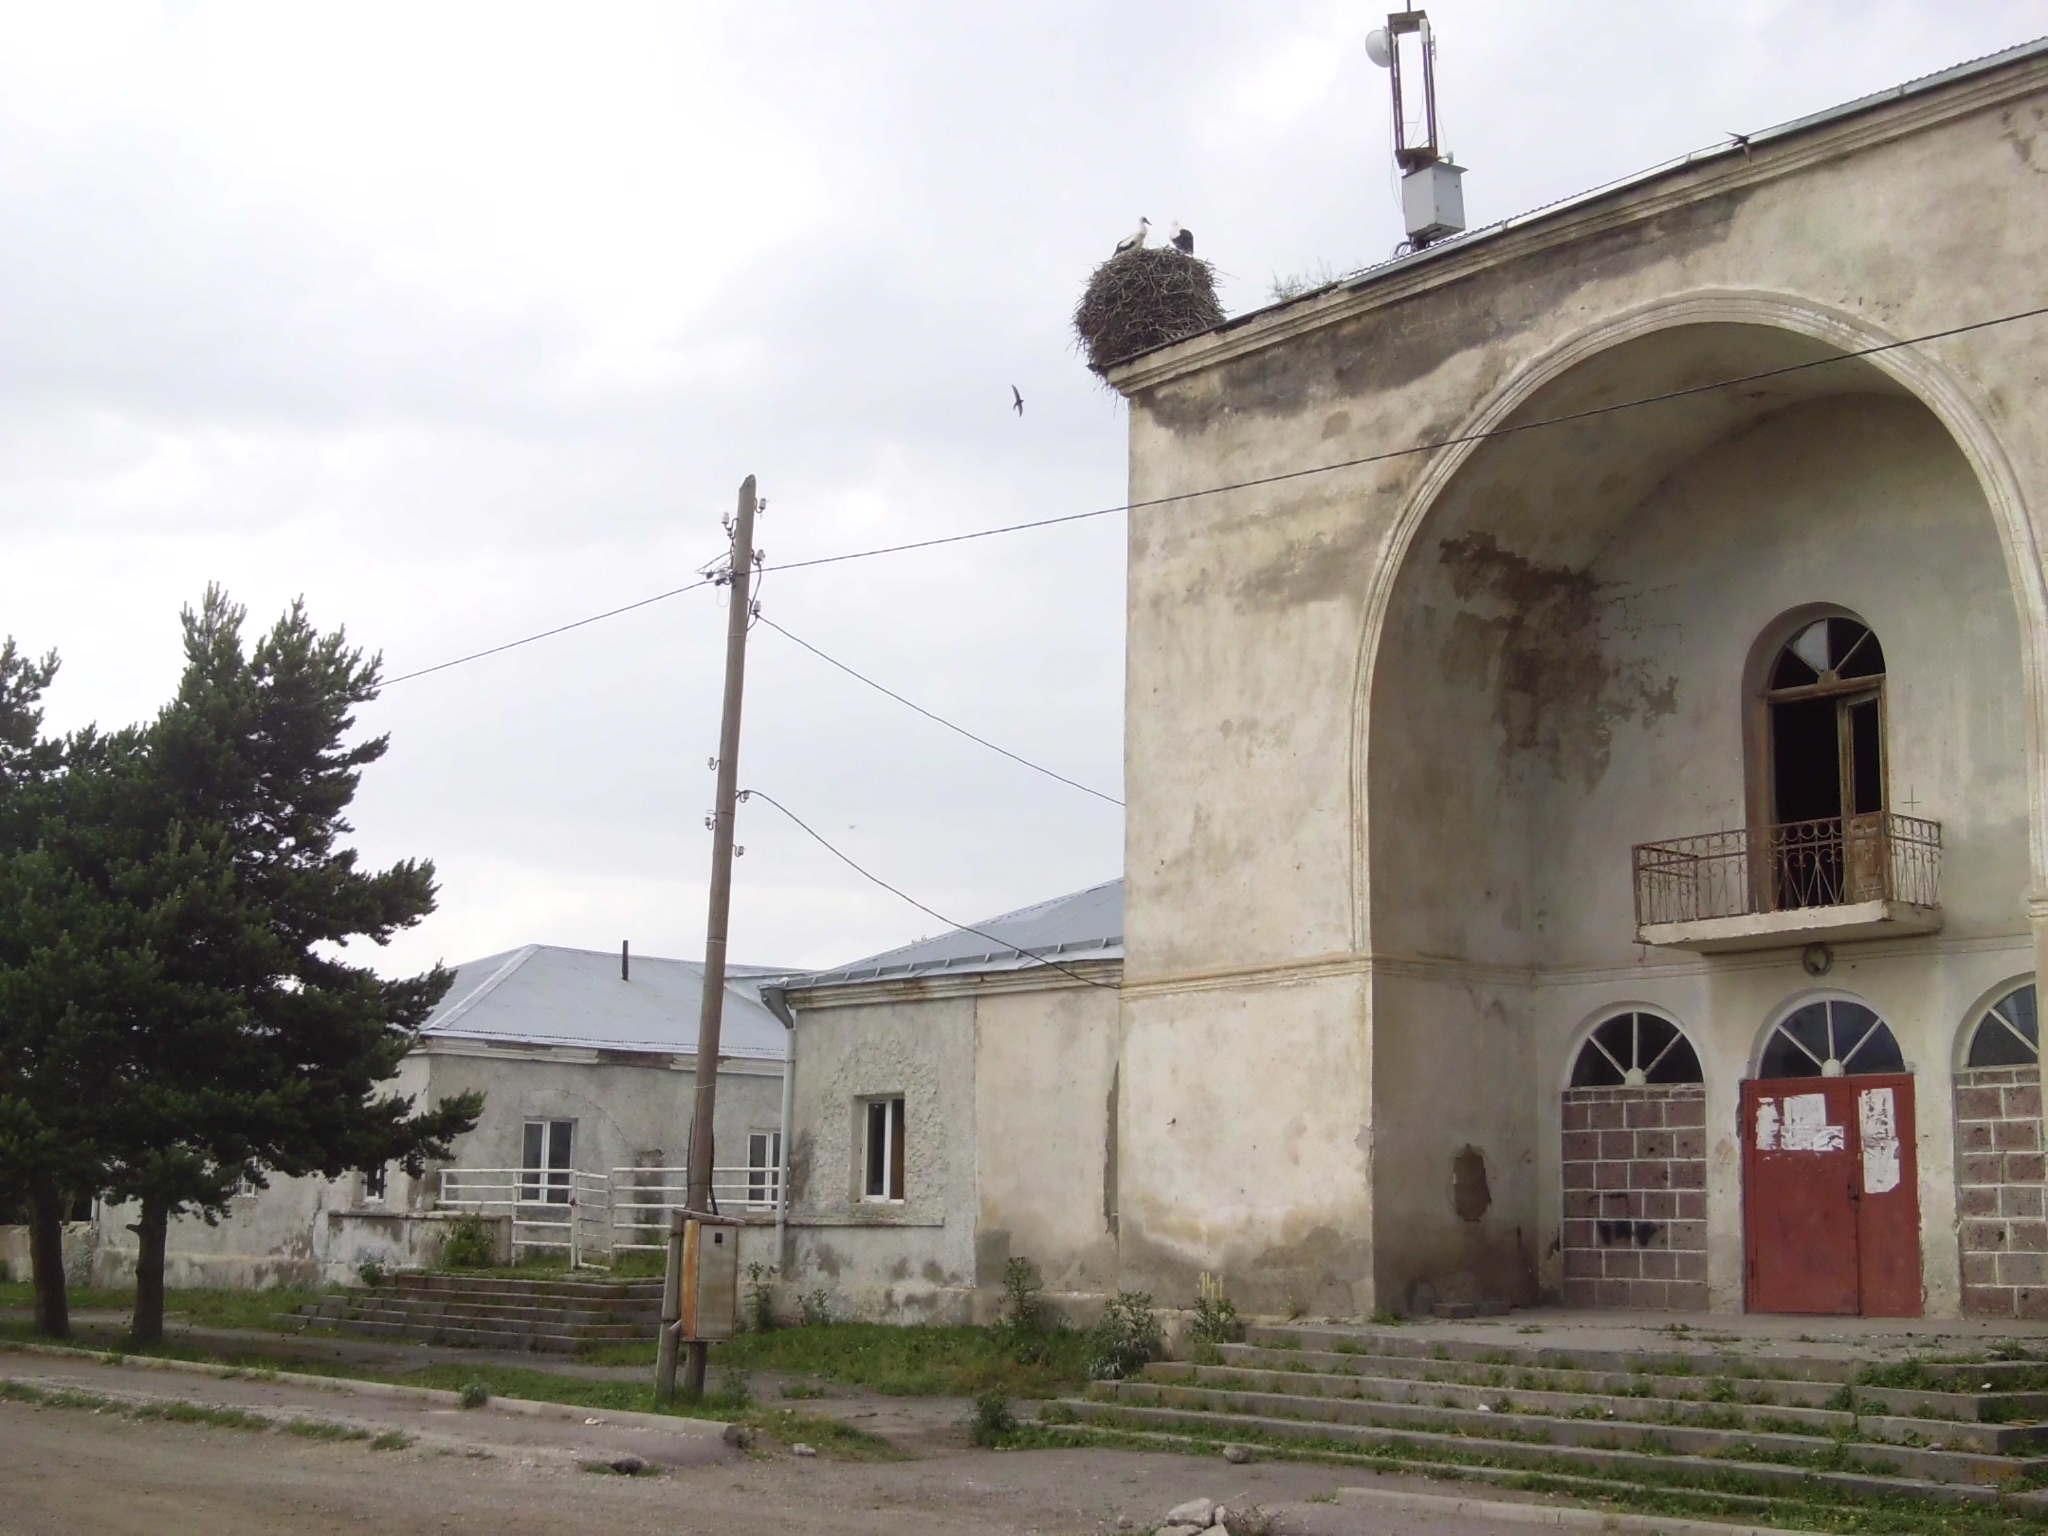 Здание клуба в Гореловке. Аисты.